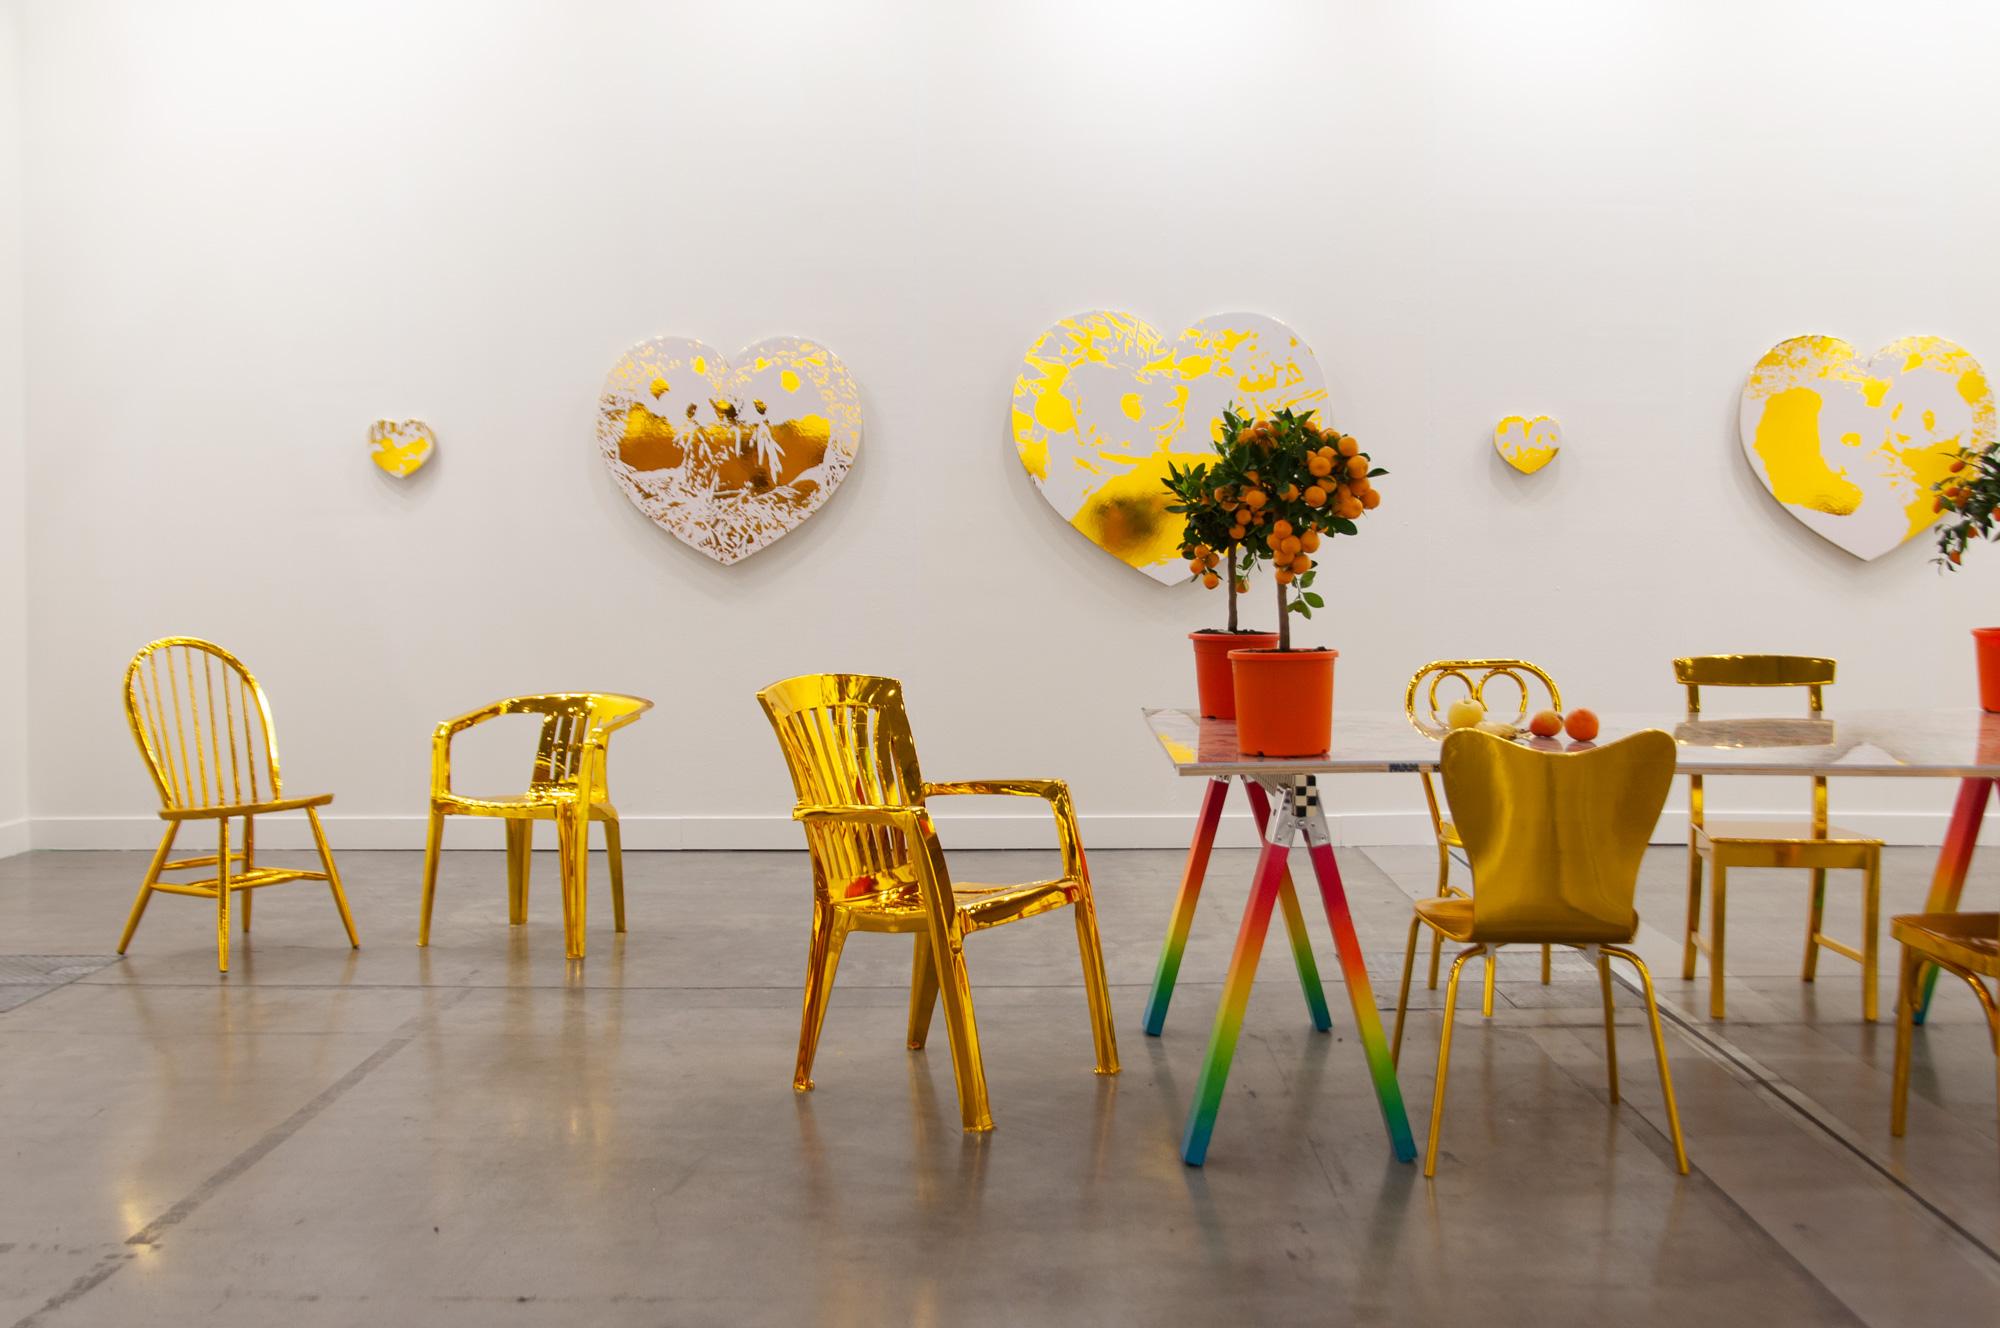 miart 2019, galleria Massimo De Carlo ph. Irene Fanizza